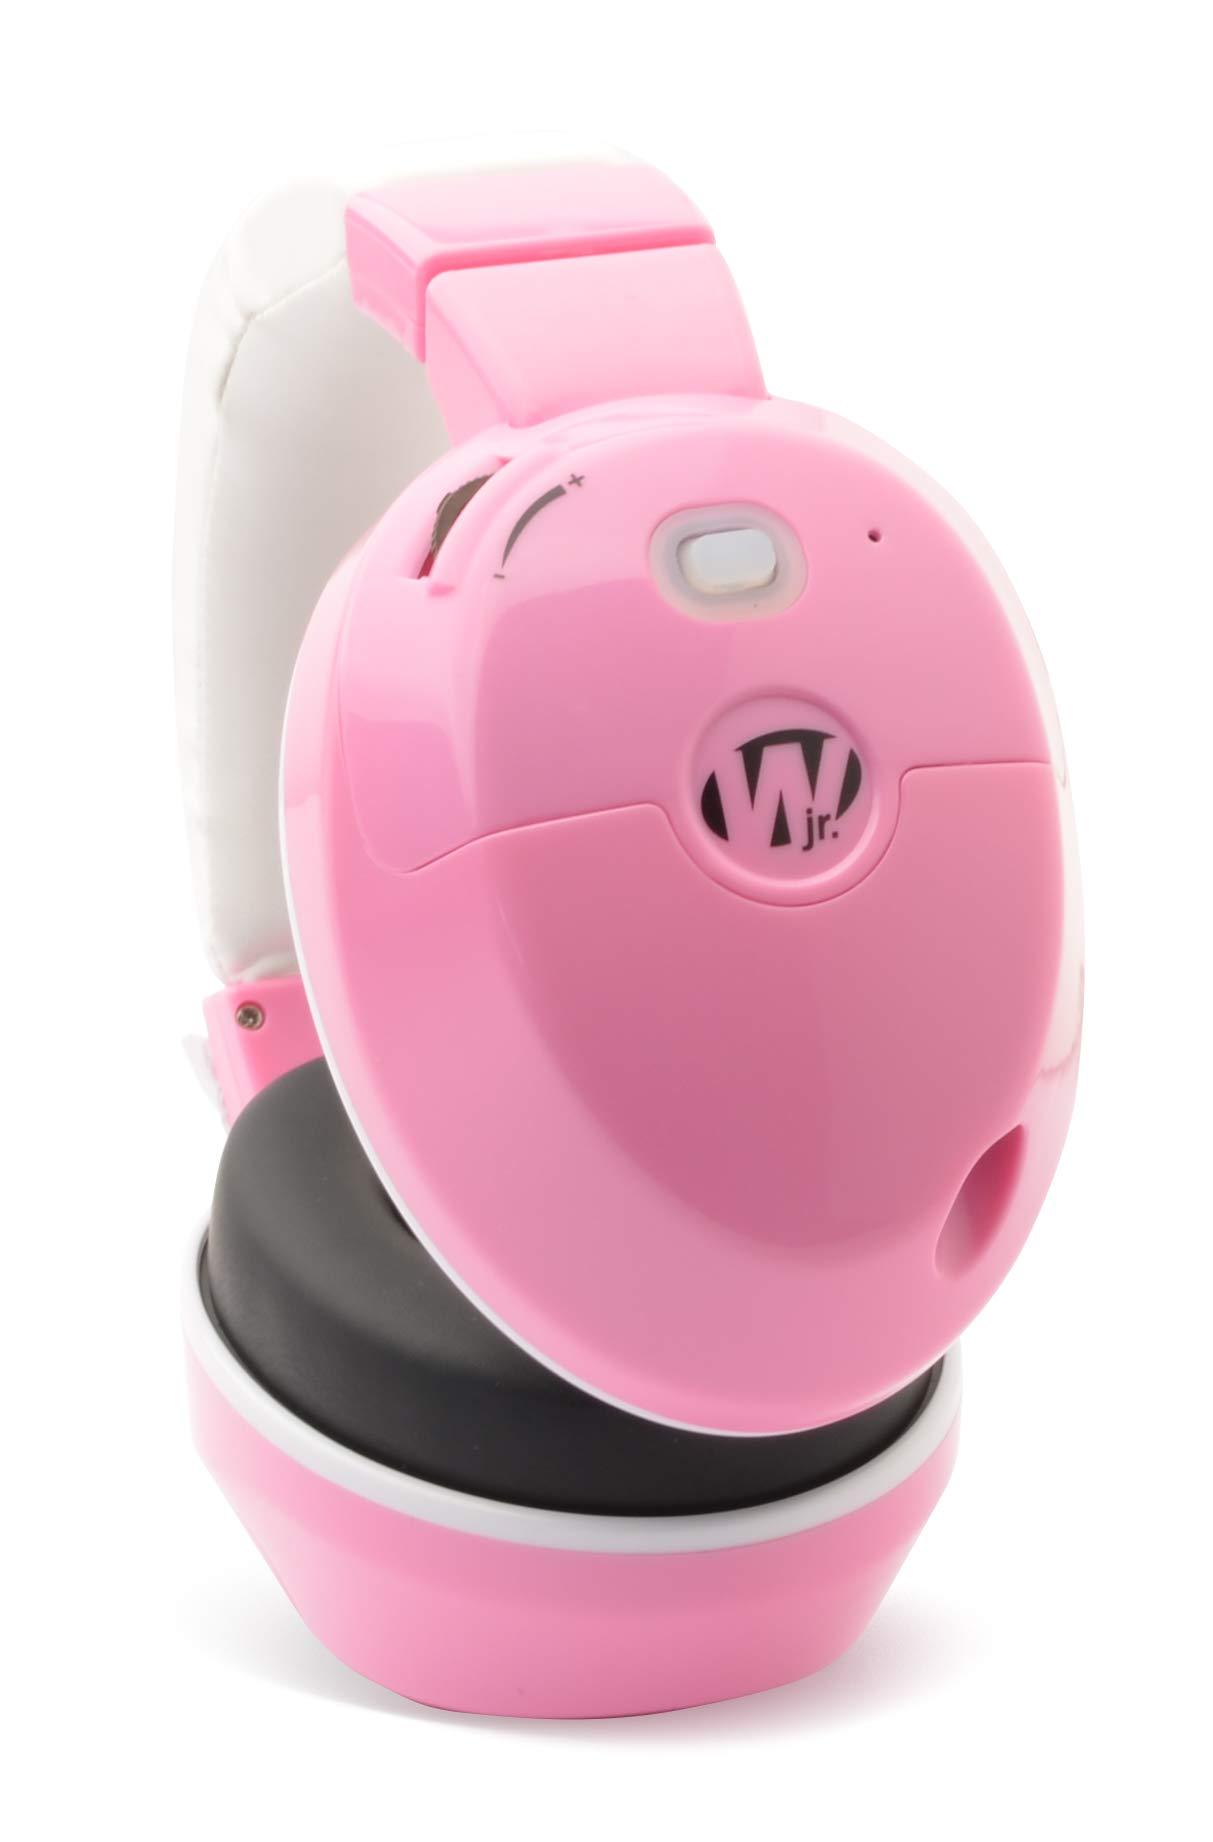 Walker's Game Ear Walker's Jr. Youth Electronic Muff Pink by Walker's Game Ear (Image #3)